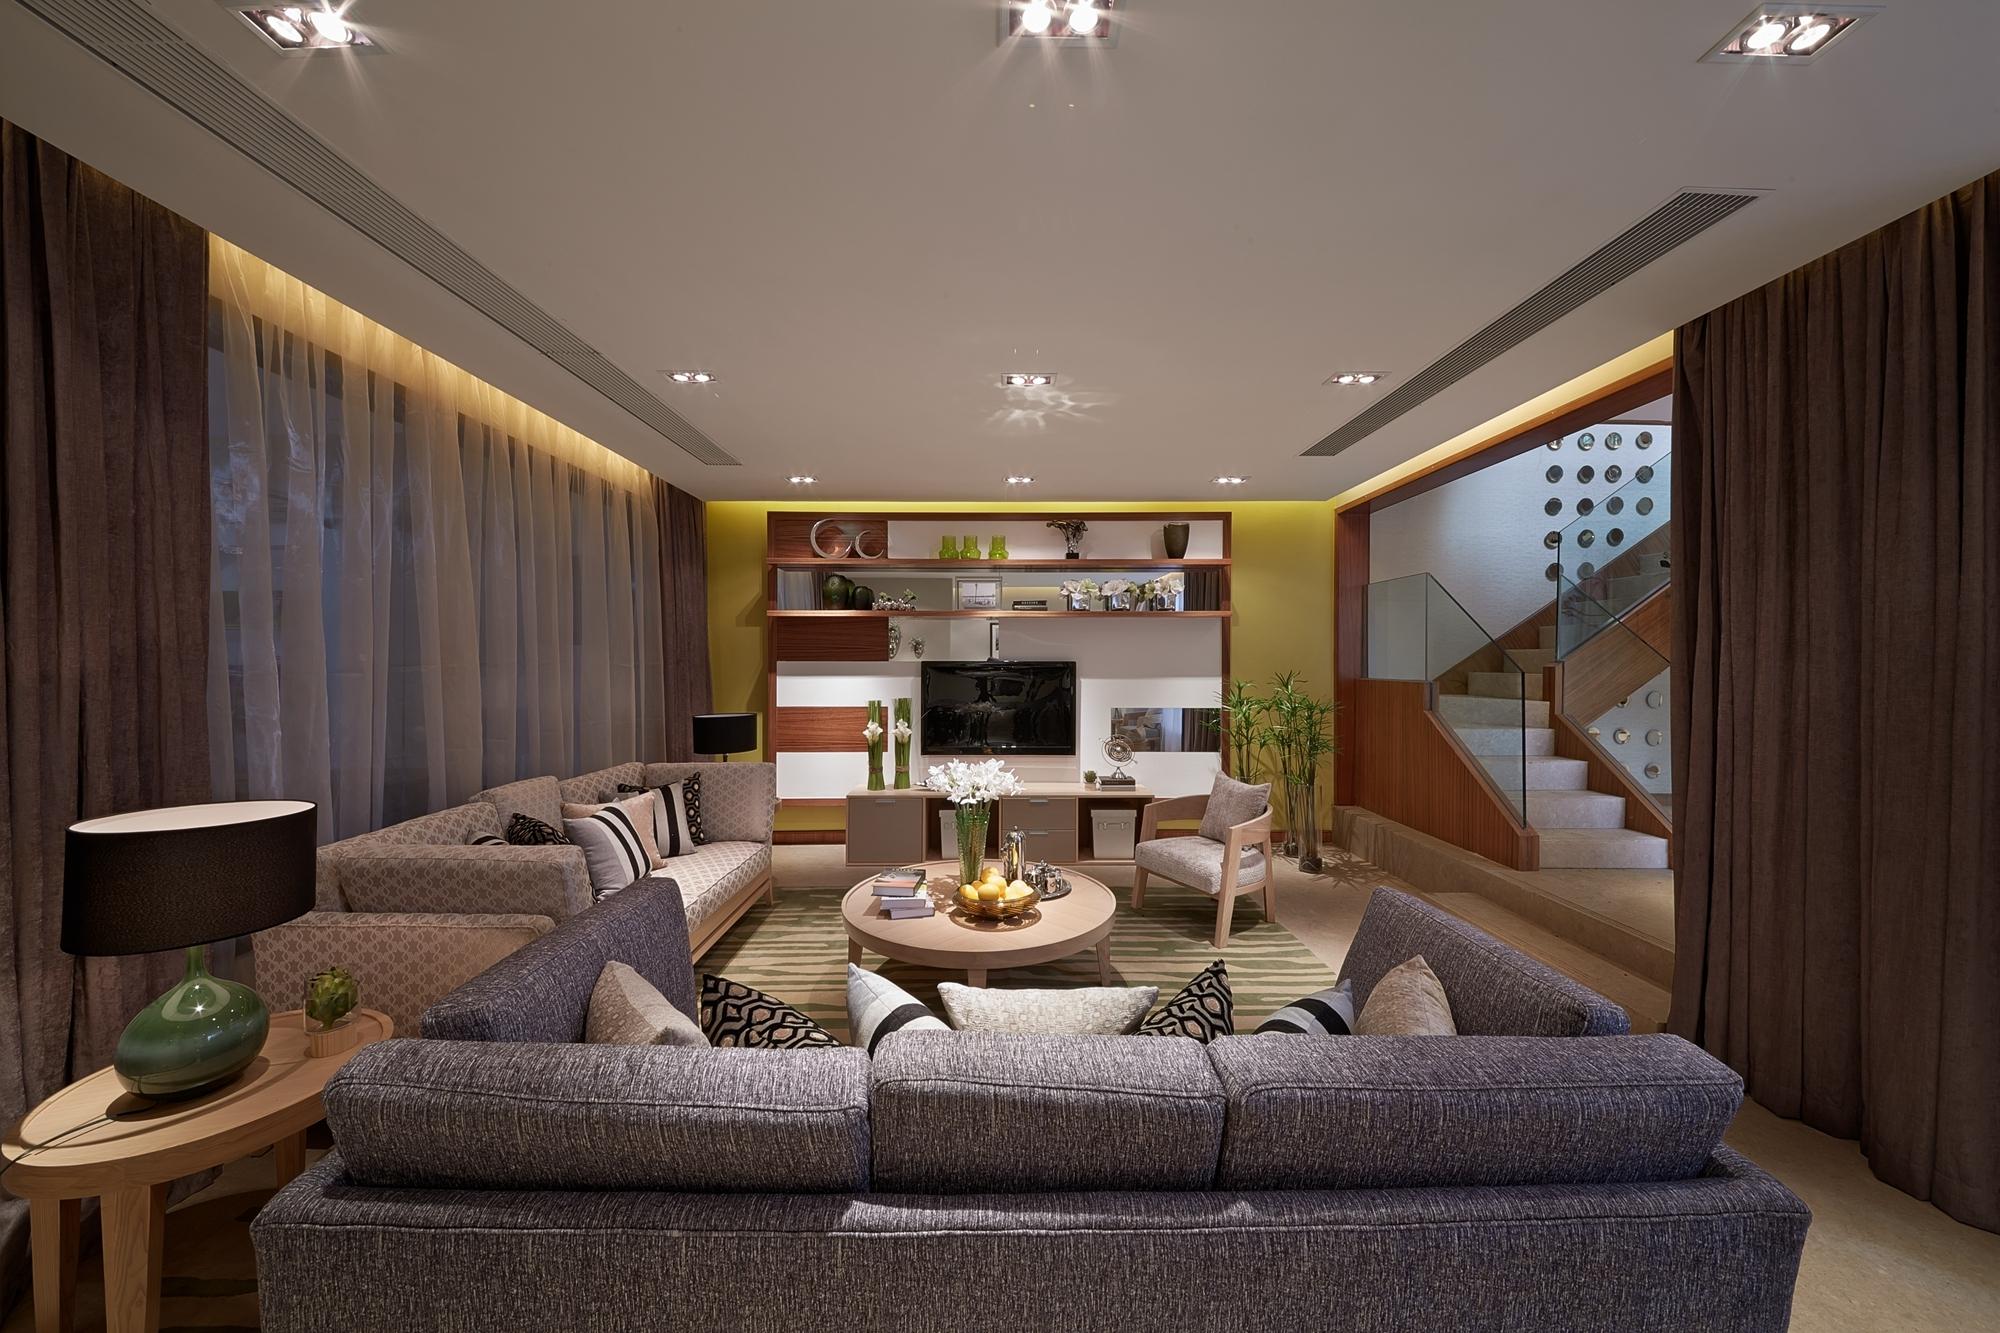 客厅图片来自北京紫禁尚品国际装饰kangshuai在西山艺境的分享